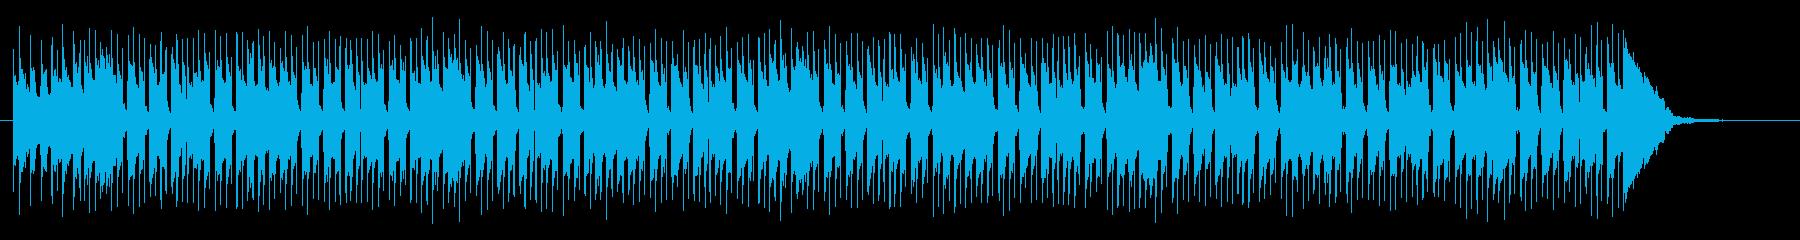 軽快なドラムテンポの明るいミュージックの再生済みの波形